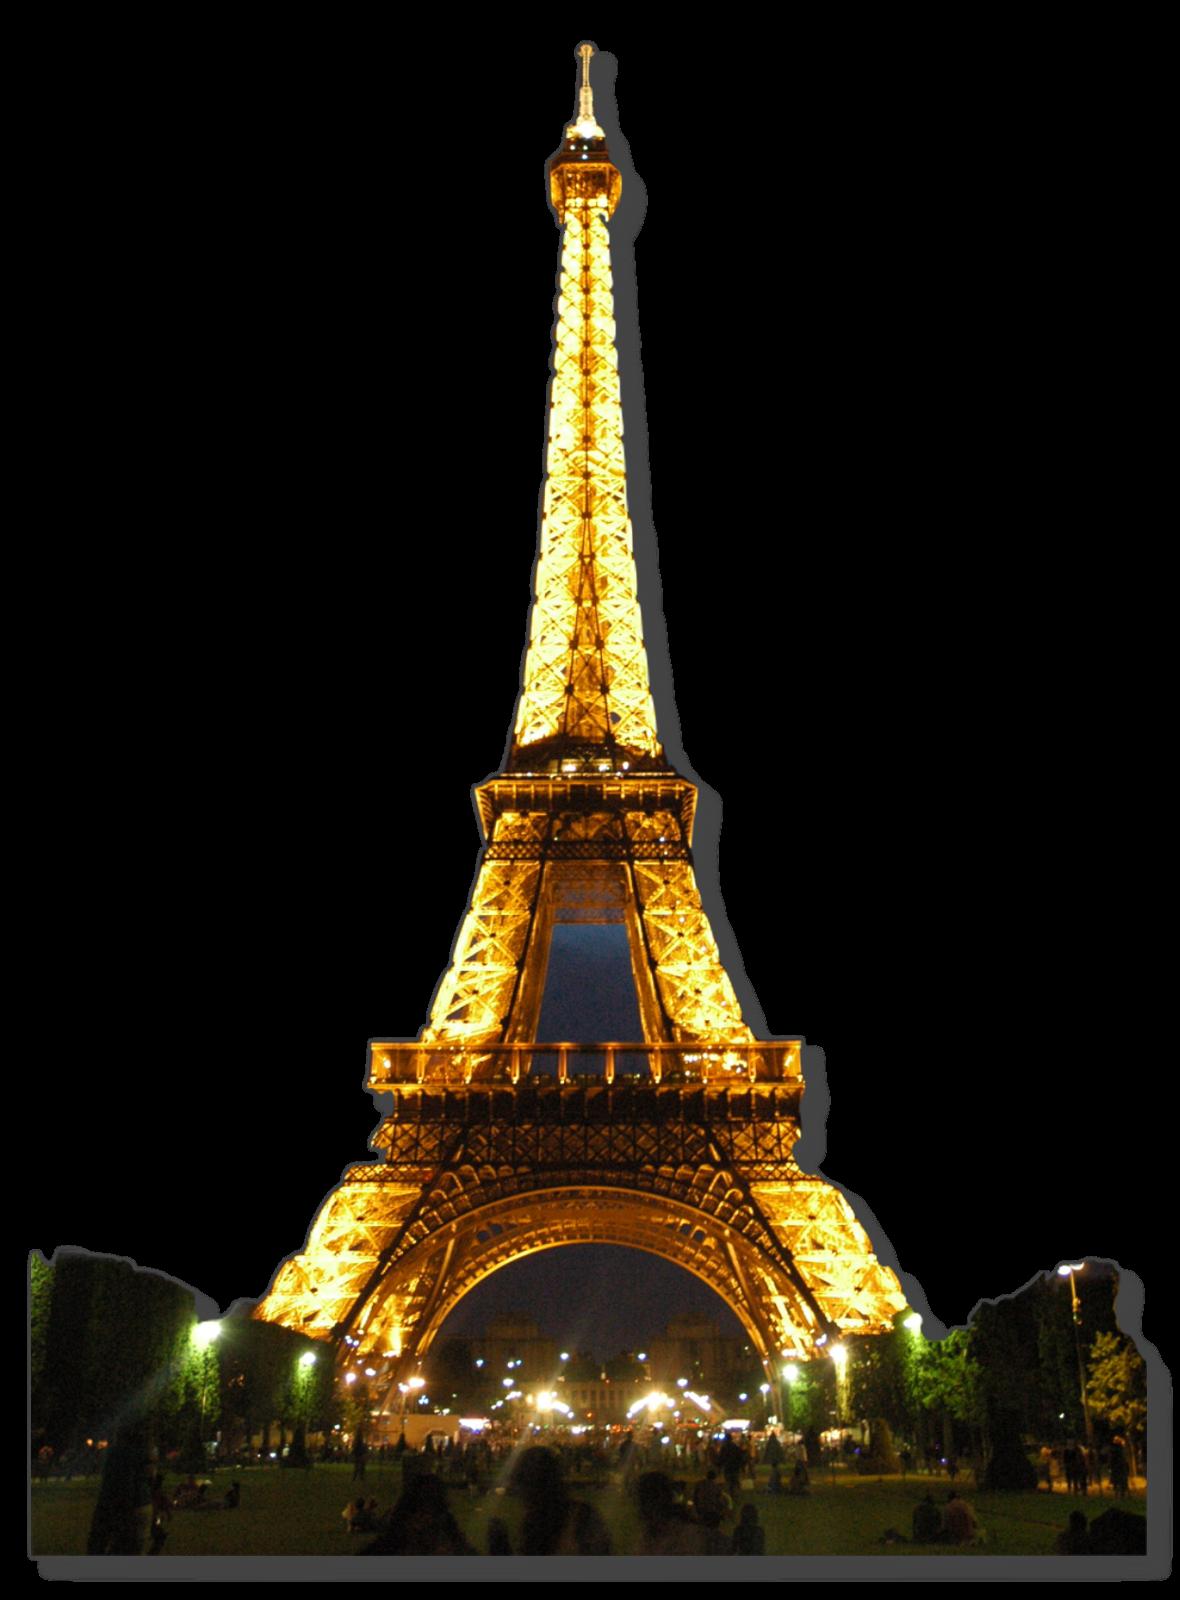 Eiffel tower - Sticker by aswaaks